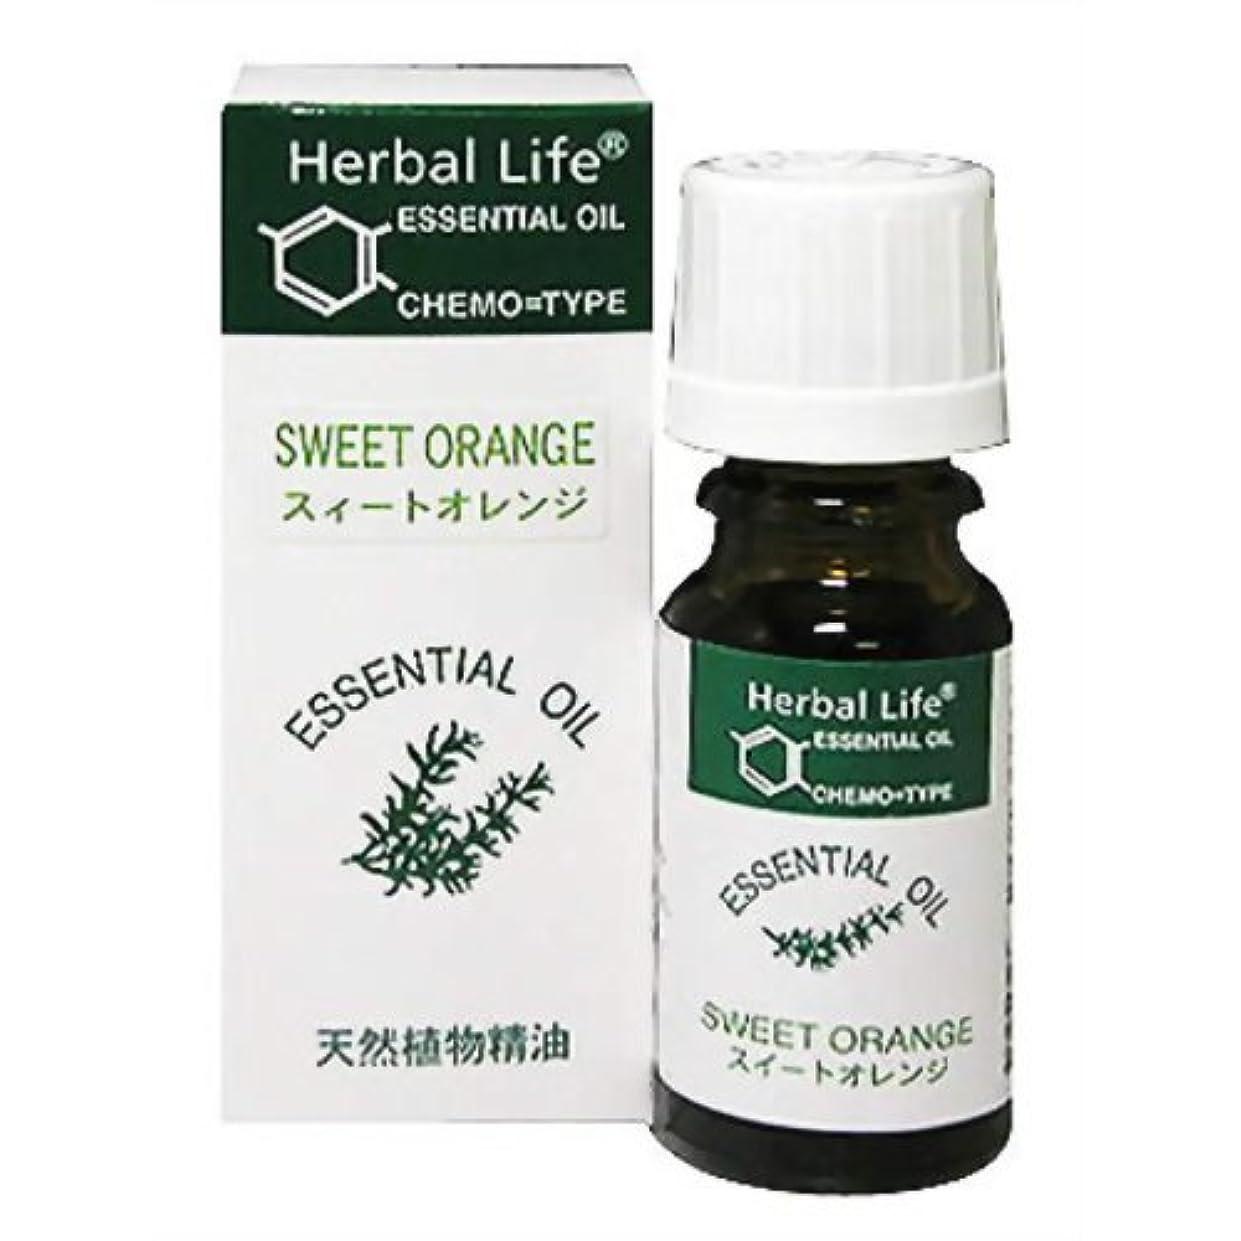 八百屋さん複合信仰生活の木 Herbal Life スィートオレンジ 10ml